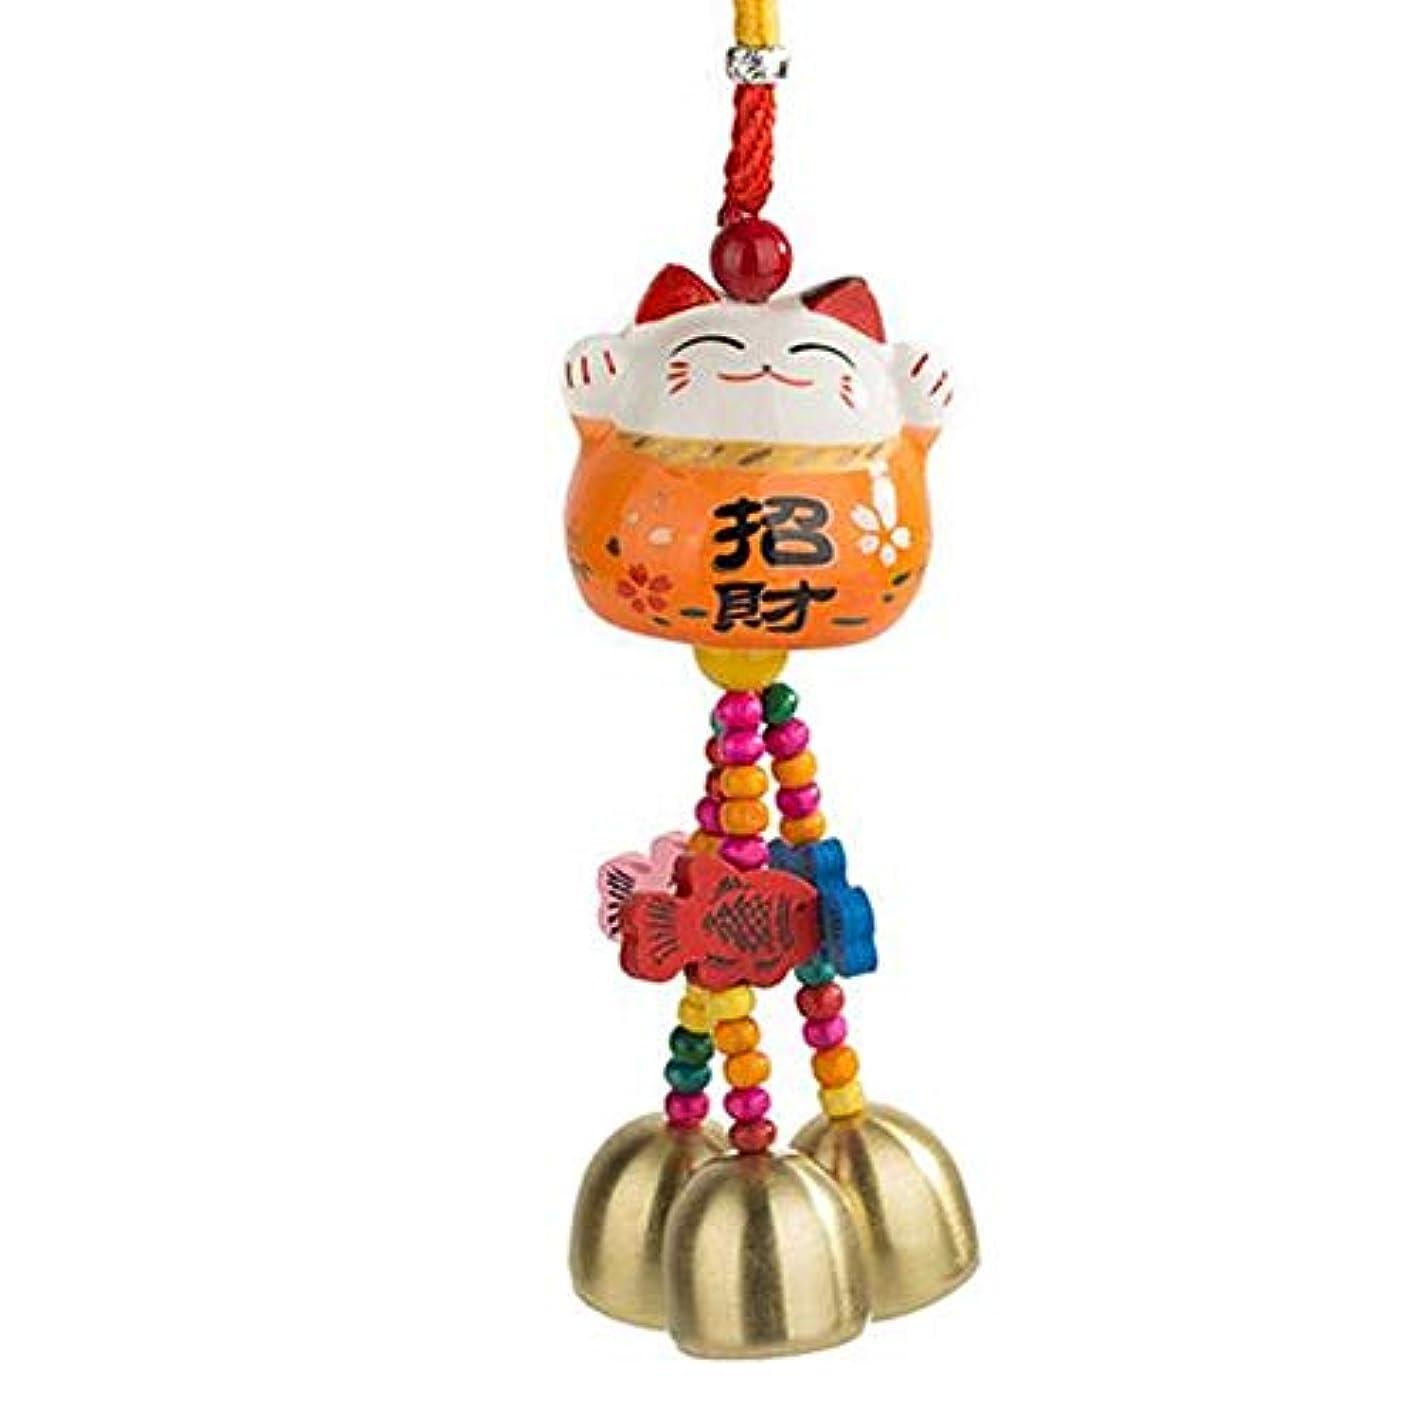 ラフトケニアコンチネンタルAishanghuayi 風チャイム、かわいいクリエイティブセラミック猫風の鐘、赤、長い28センチメートル,ファッションオーナメント (Color : Orange)